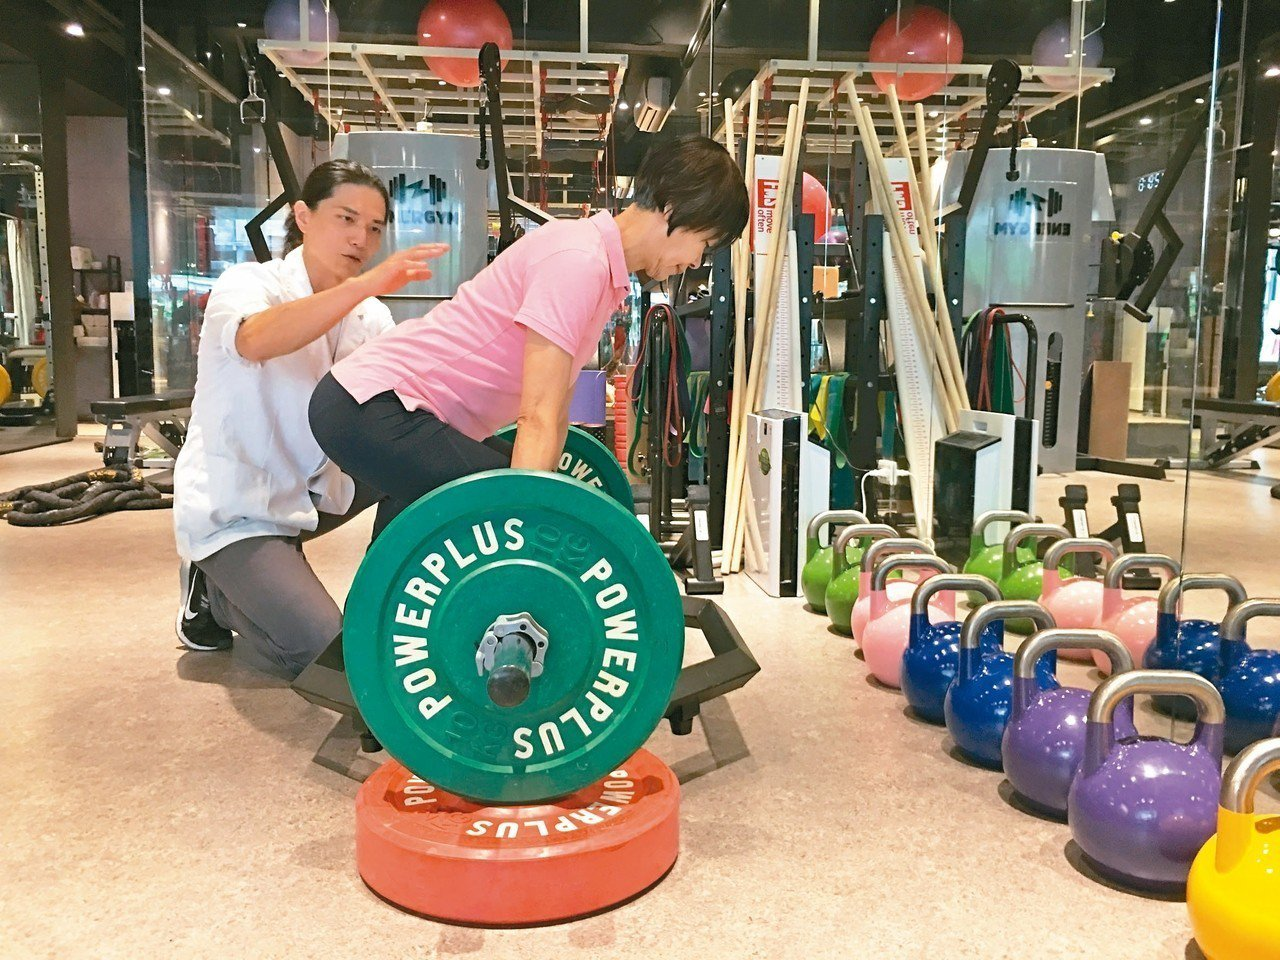 肌肉強度不夠,易導致訓練受限;圖為物理治療師協助民眾加強核心肌群力量。 圖╱聯合...